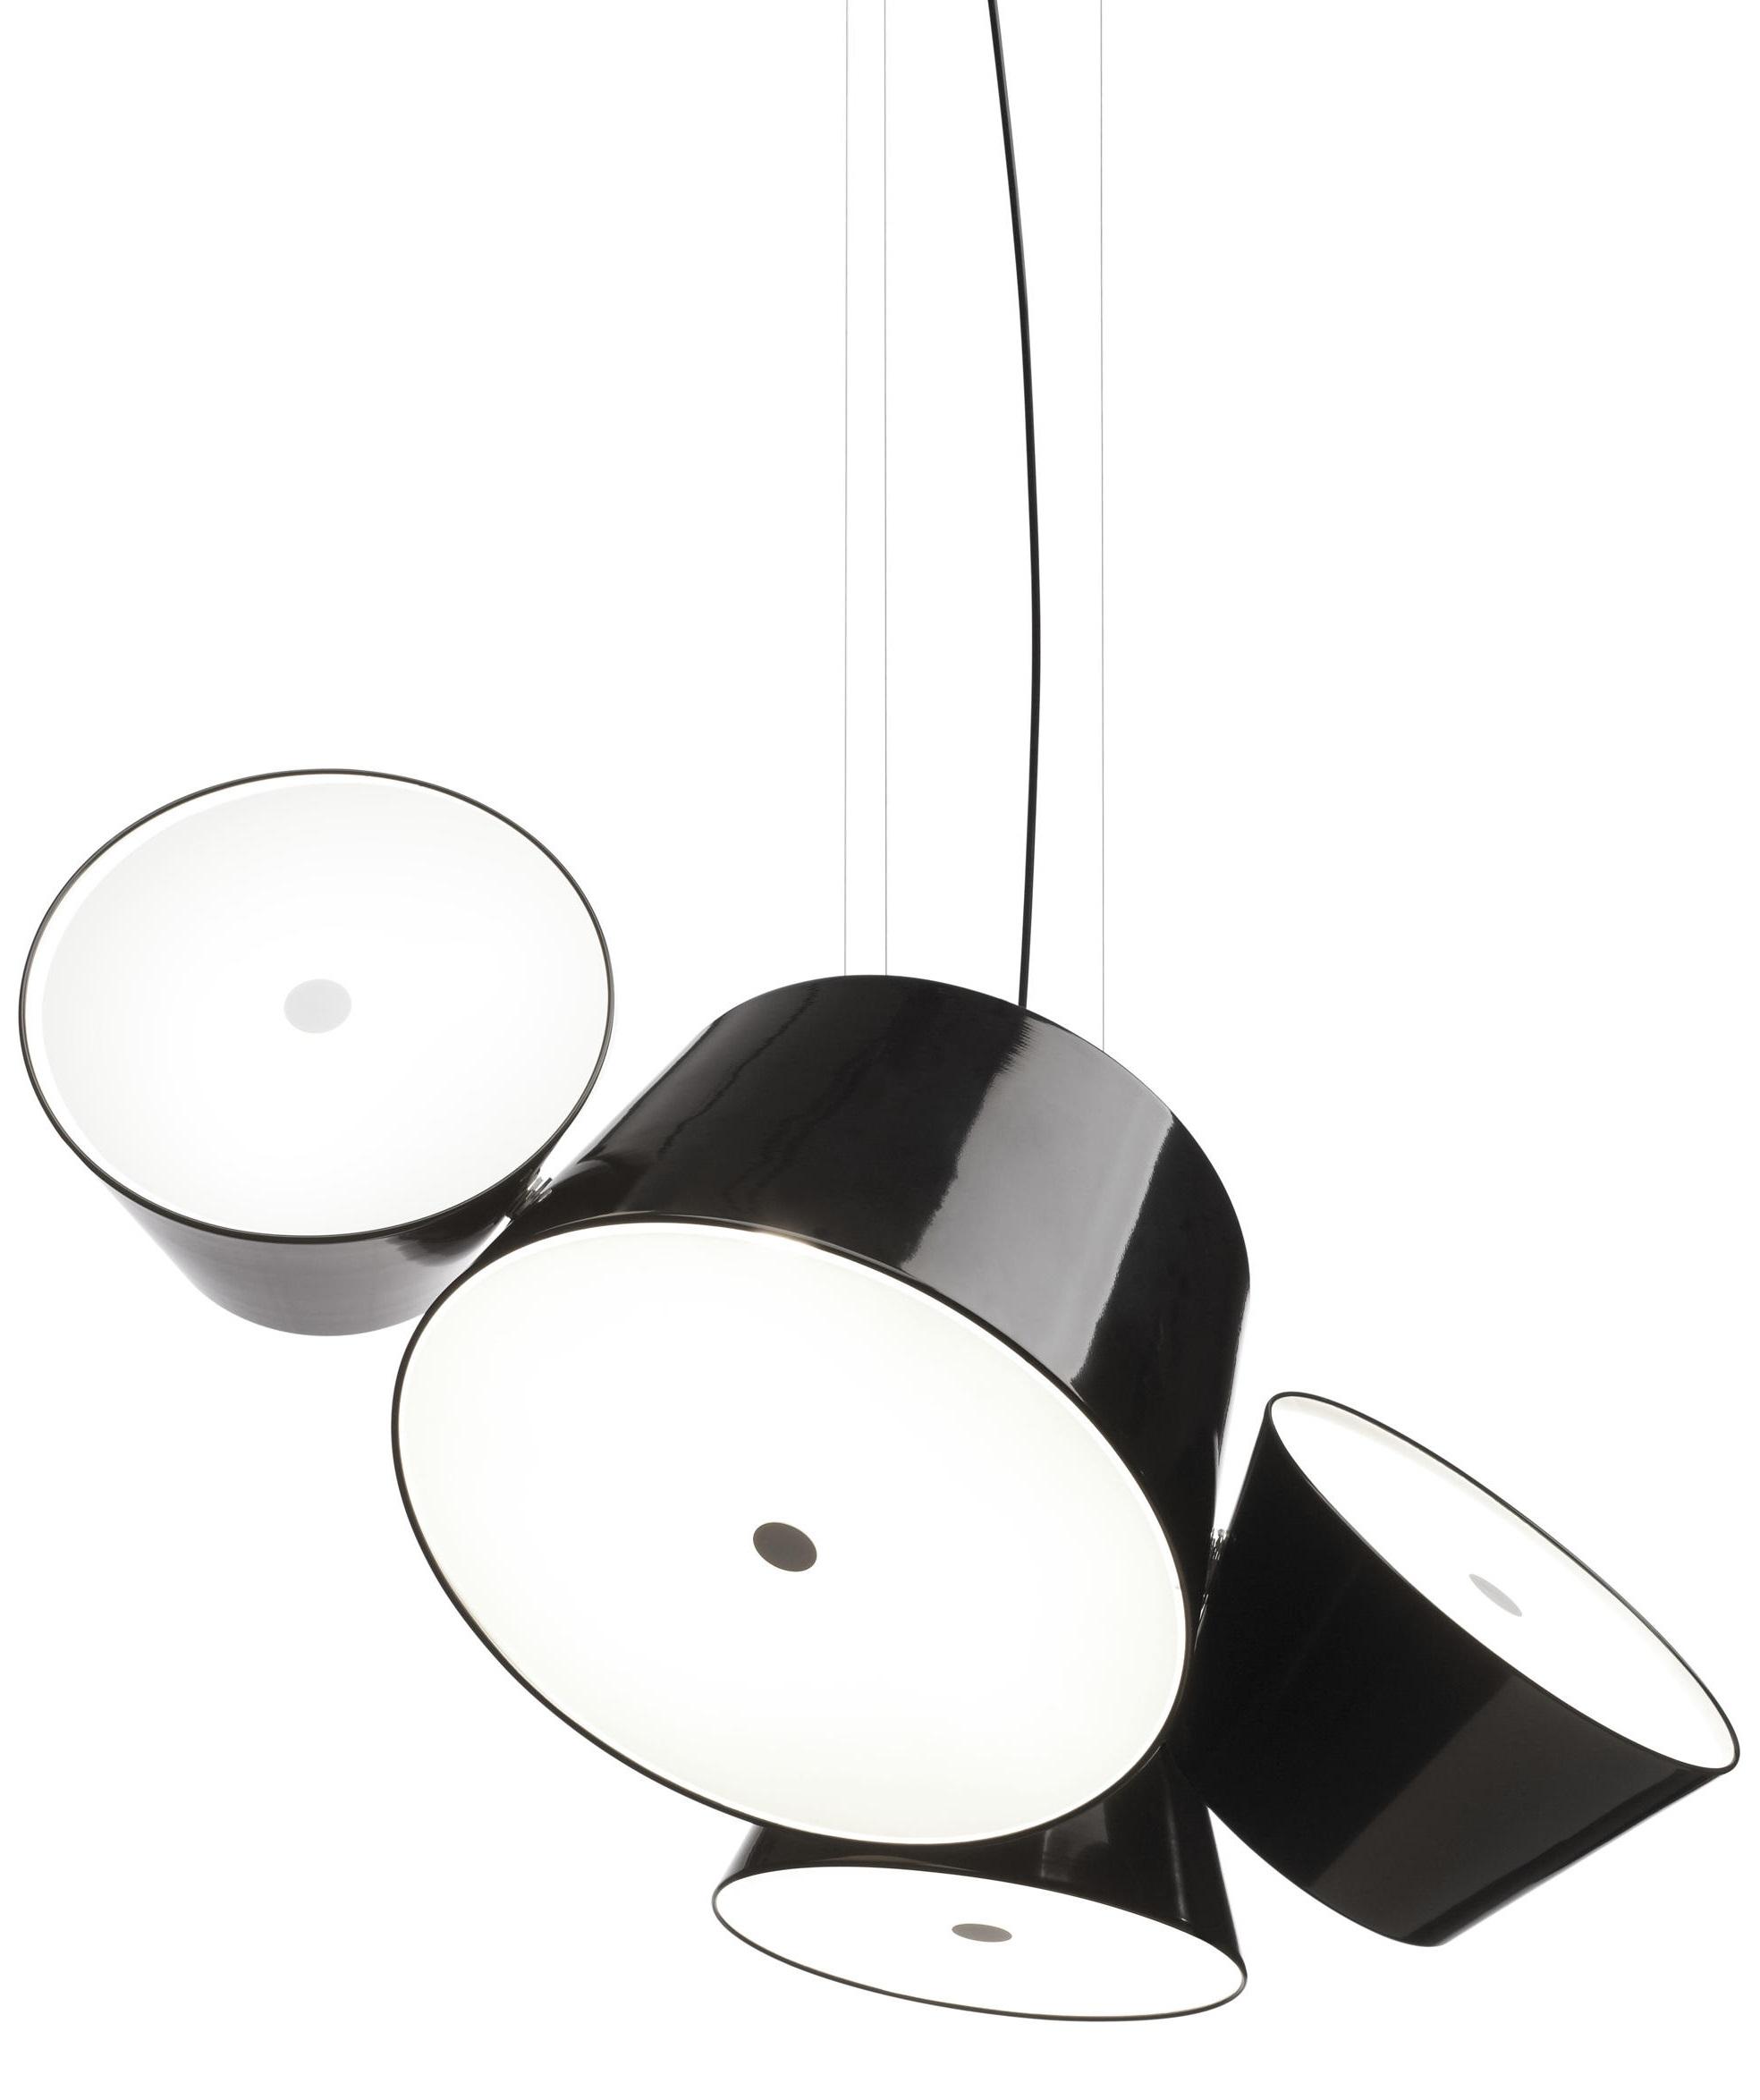 Lampe Suspension Papier Design tam tam 3 suspension marset - milia shop